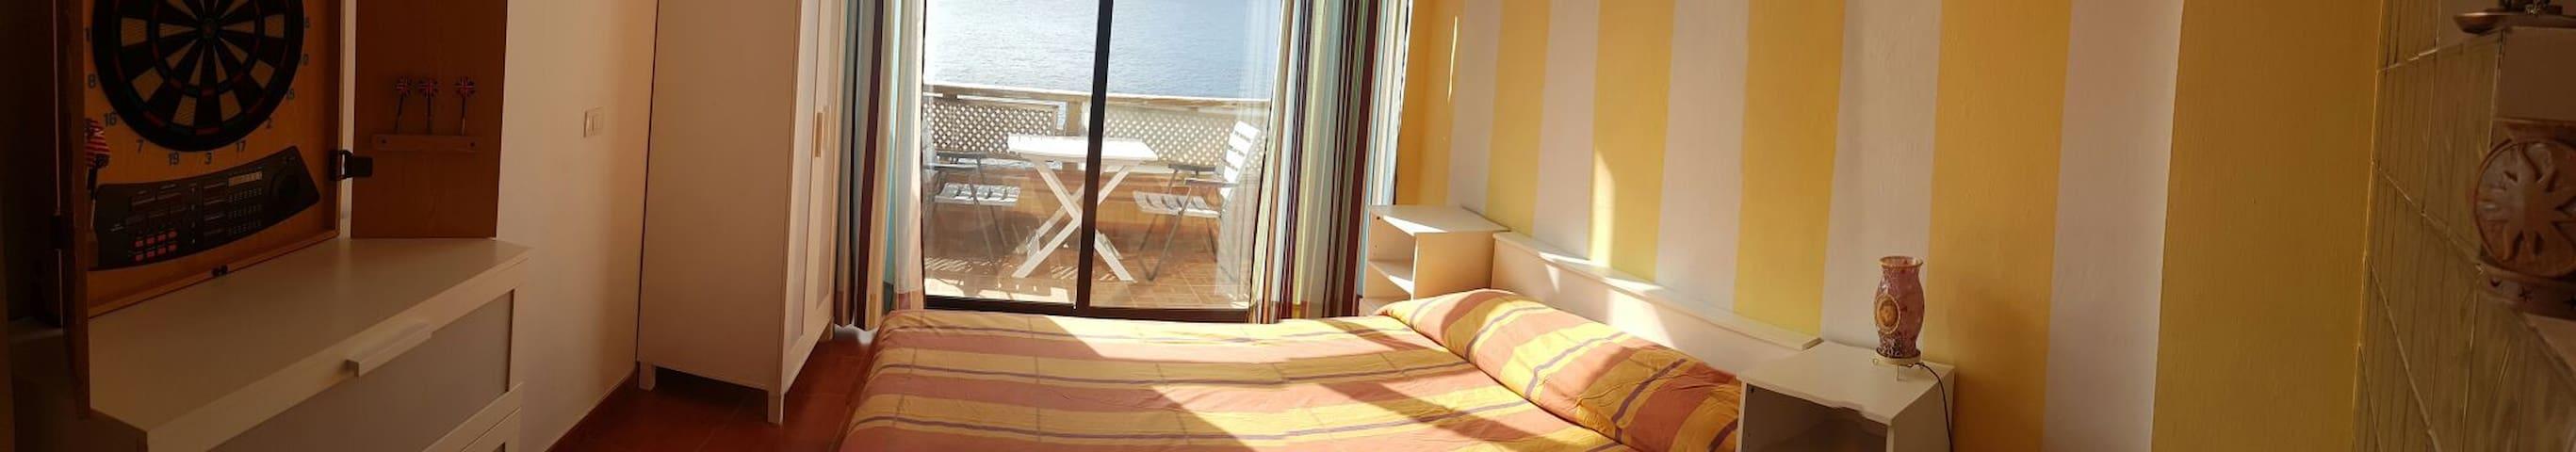 Estudio con las mejores vistas - Las Palmas - Lägenhet